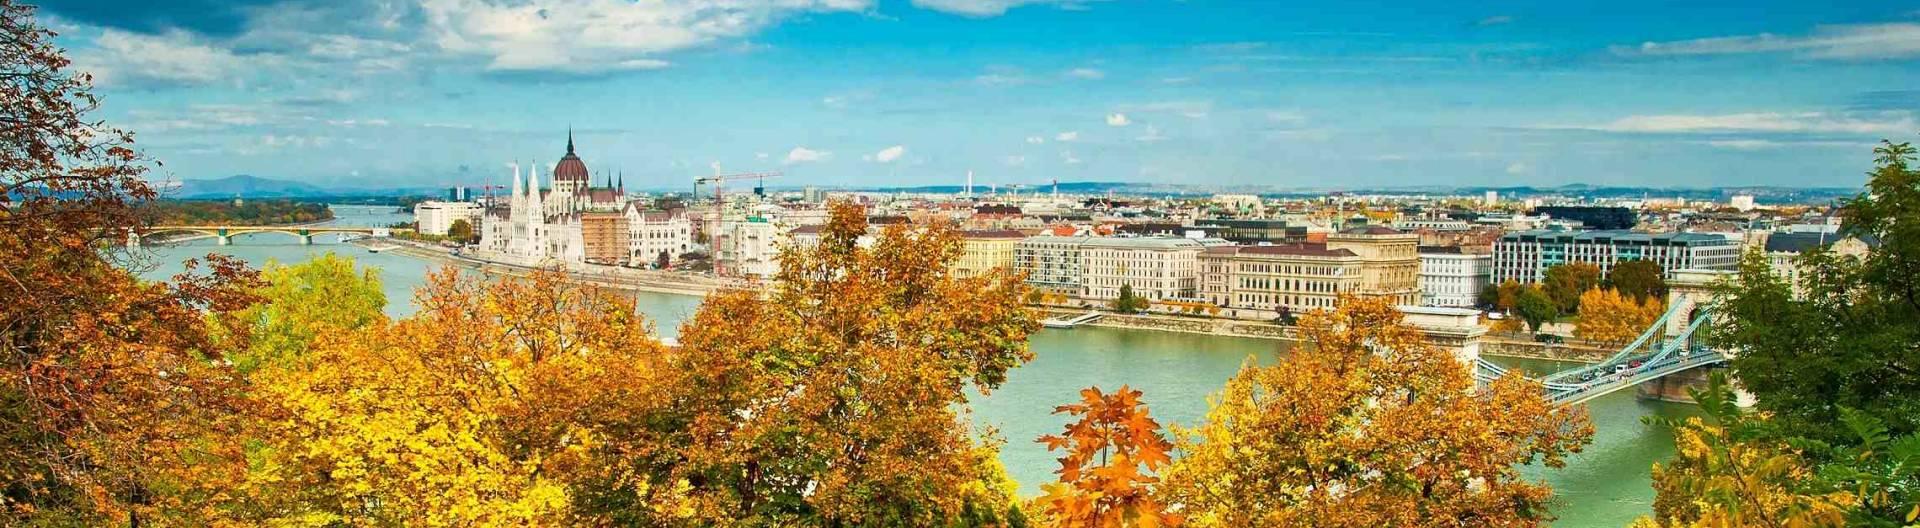 Budapest-syksyllä-Unkari-Tonavan-risteily-1920x528.jpg